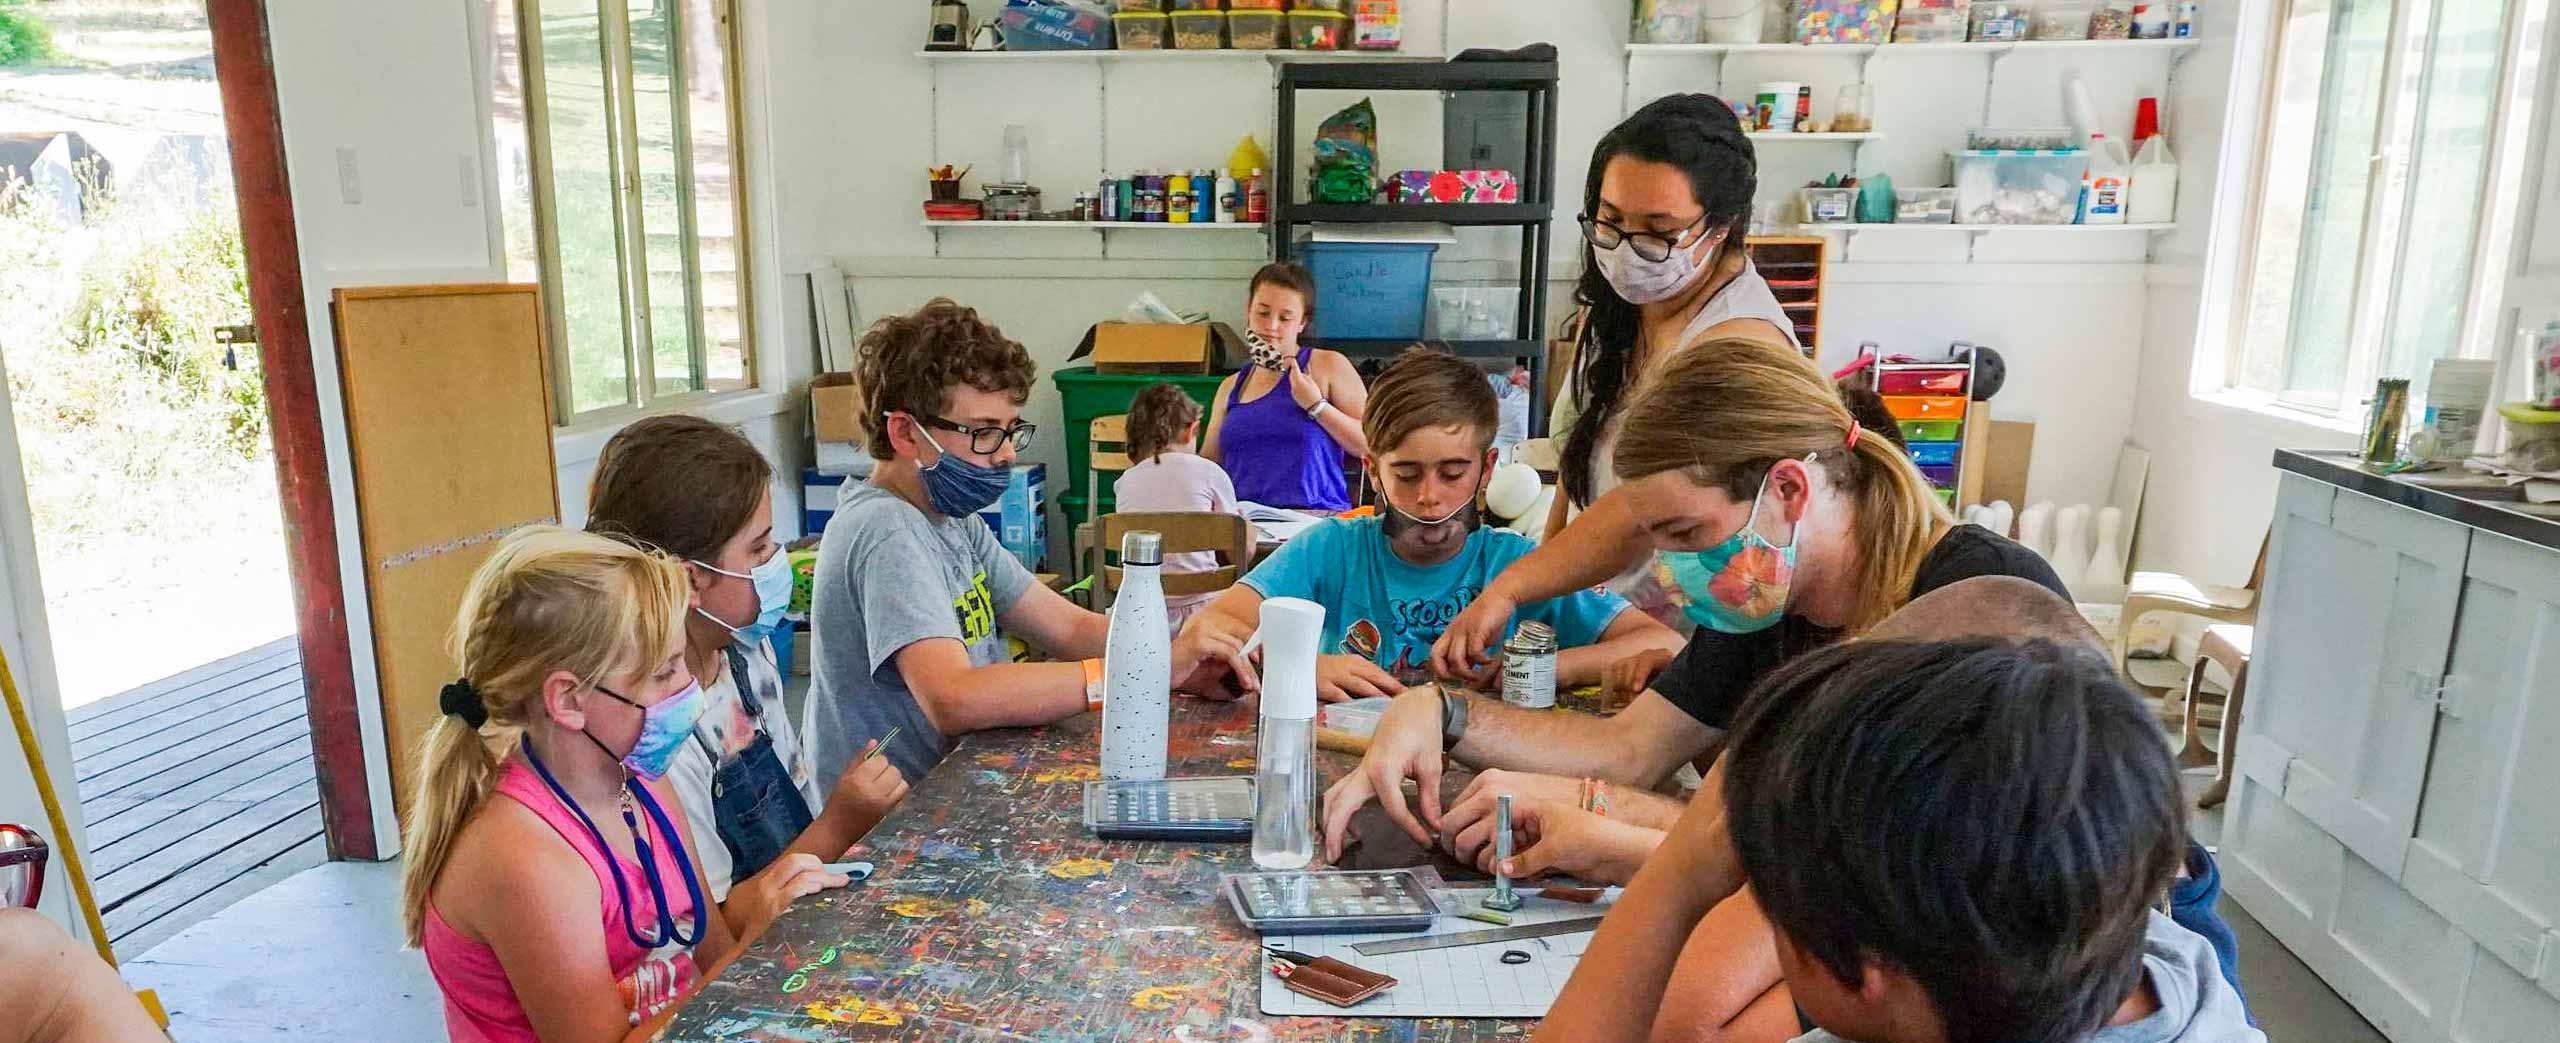 Elementary kids doing art